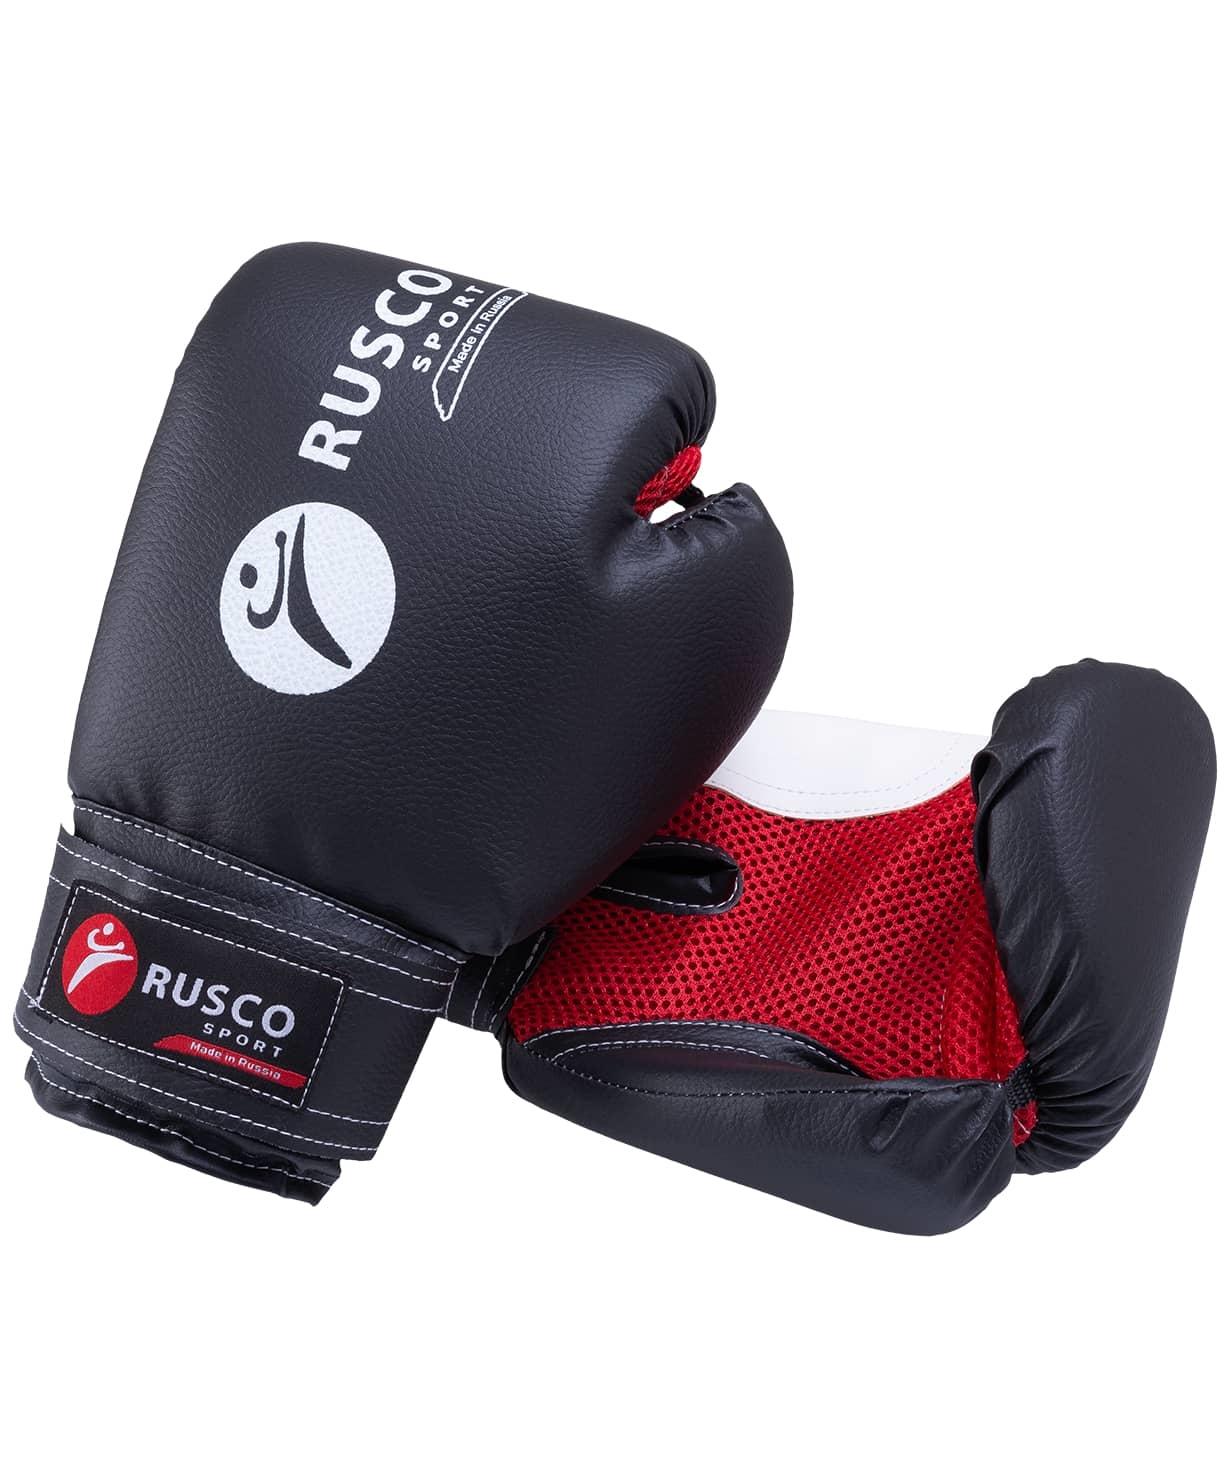 Перчатки боксерские Rusco, 10oz, к/з, черный